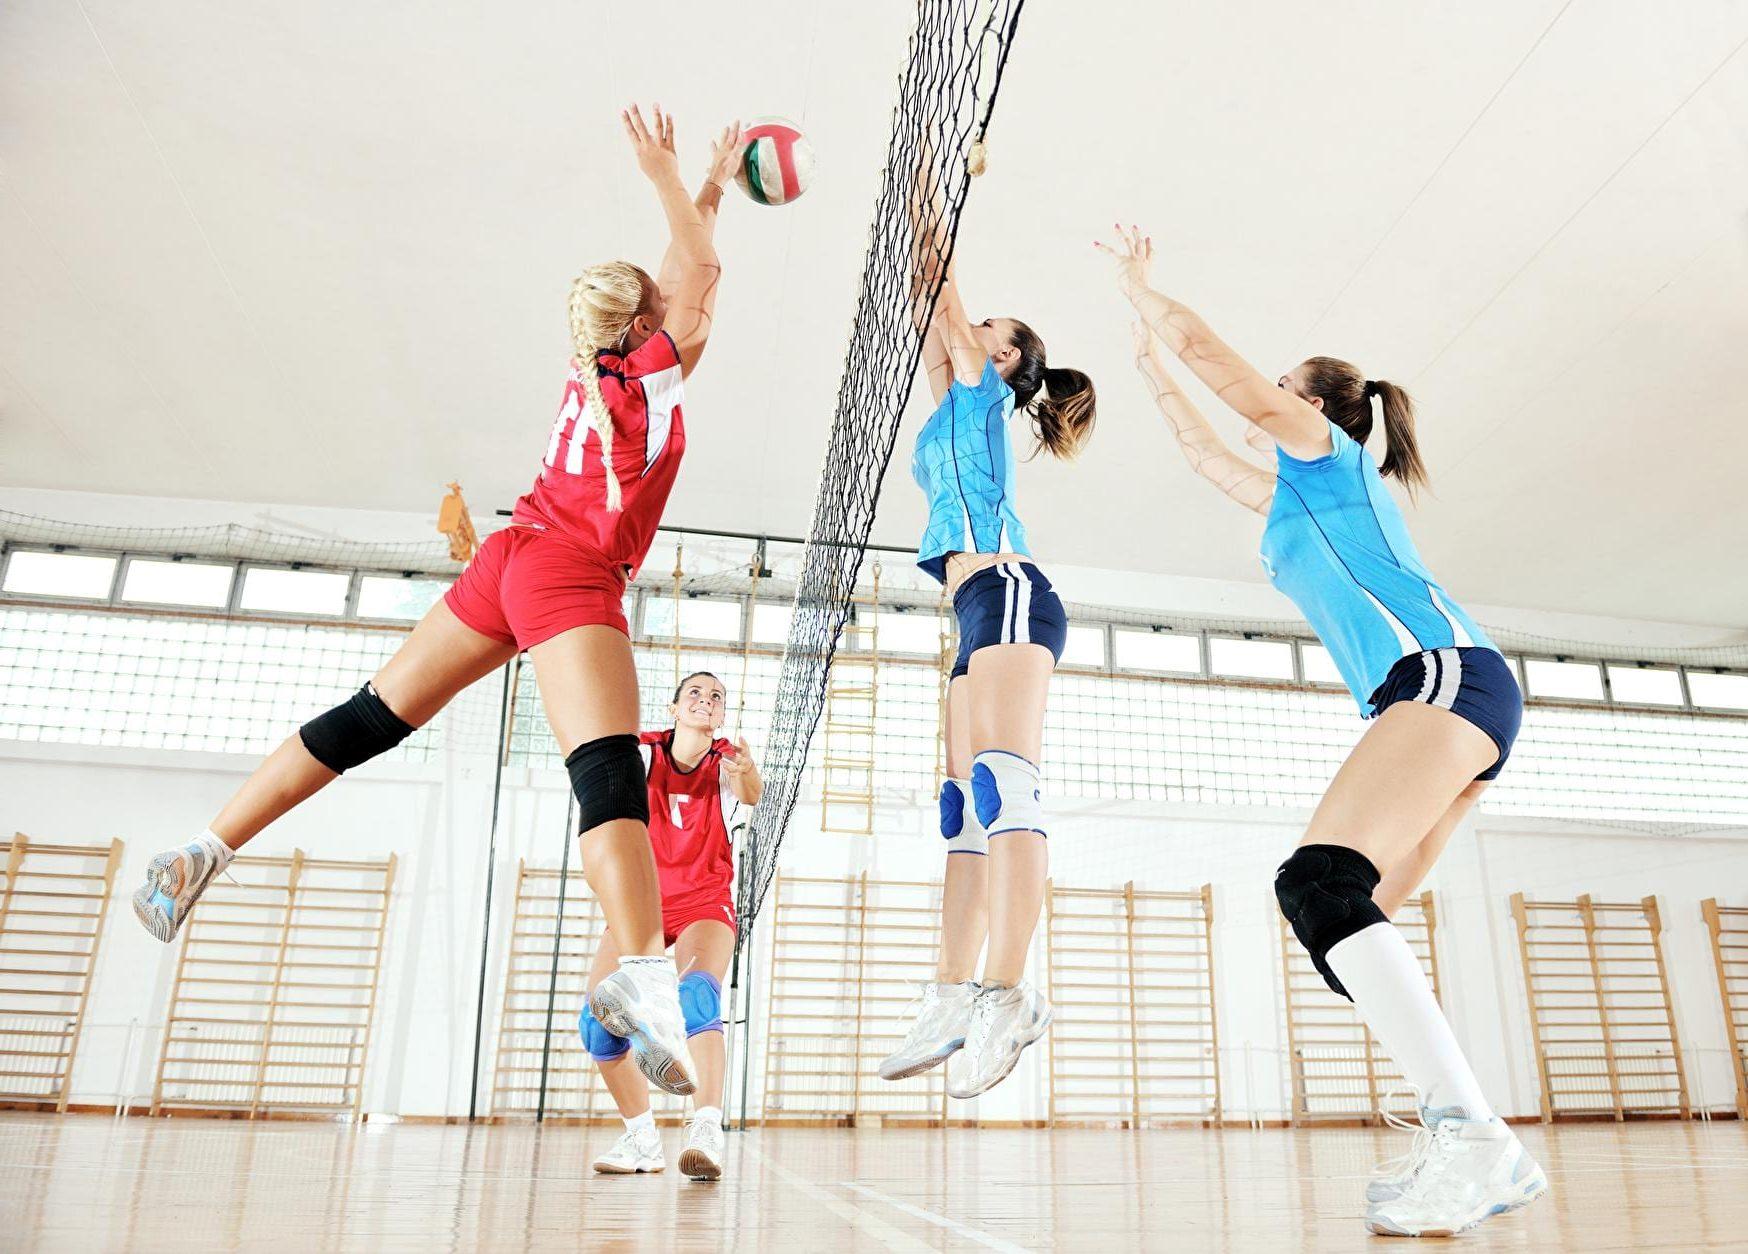 Volleyball Stord folkehøgskule